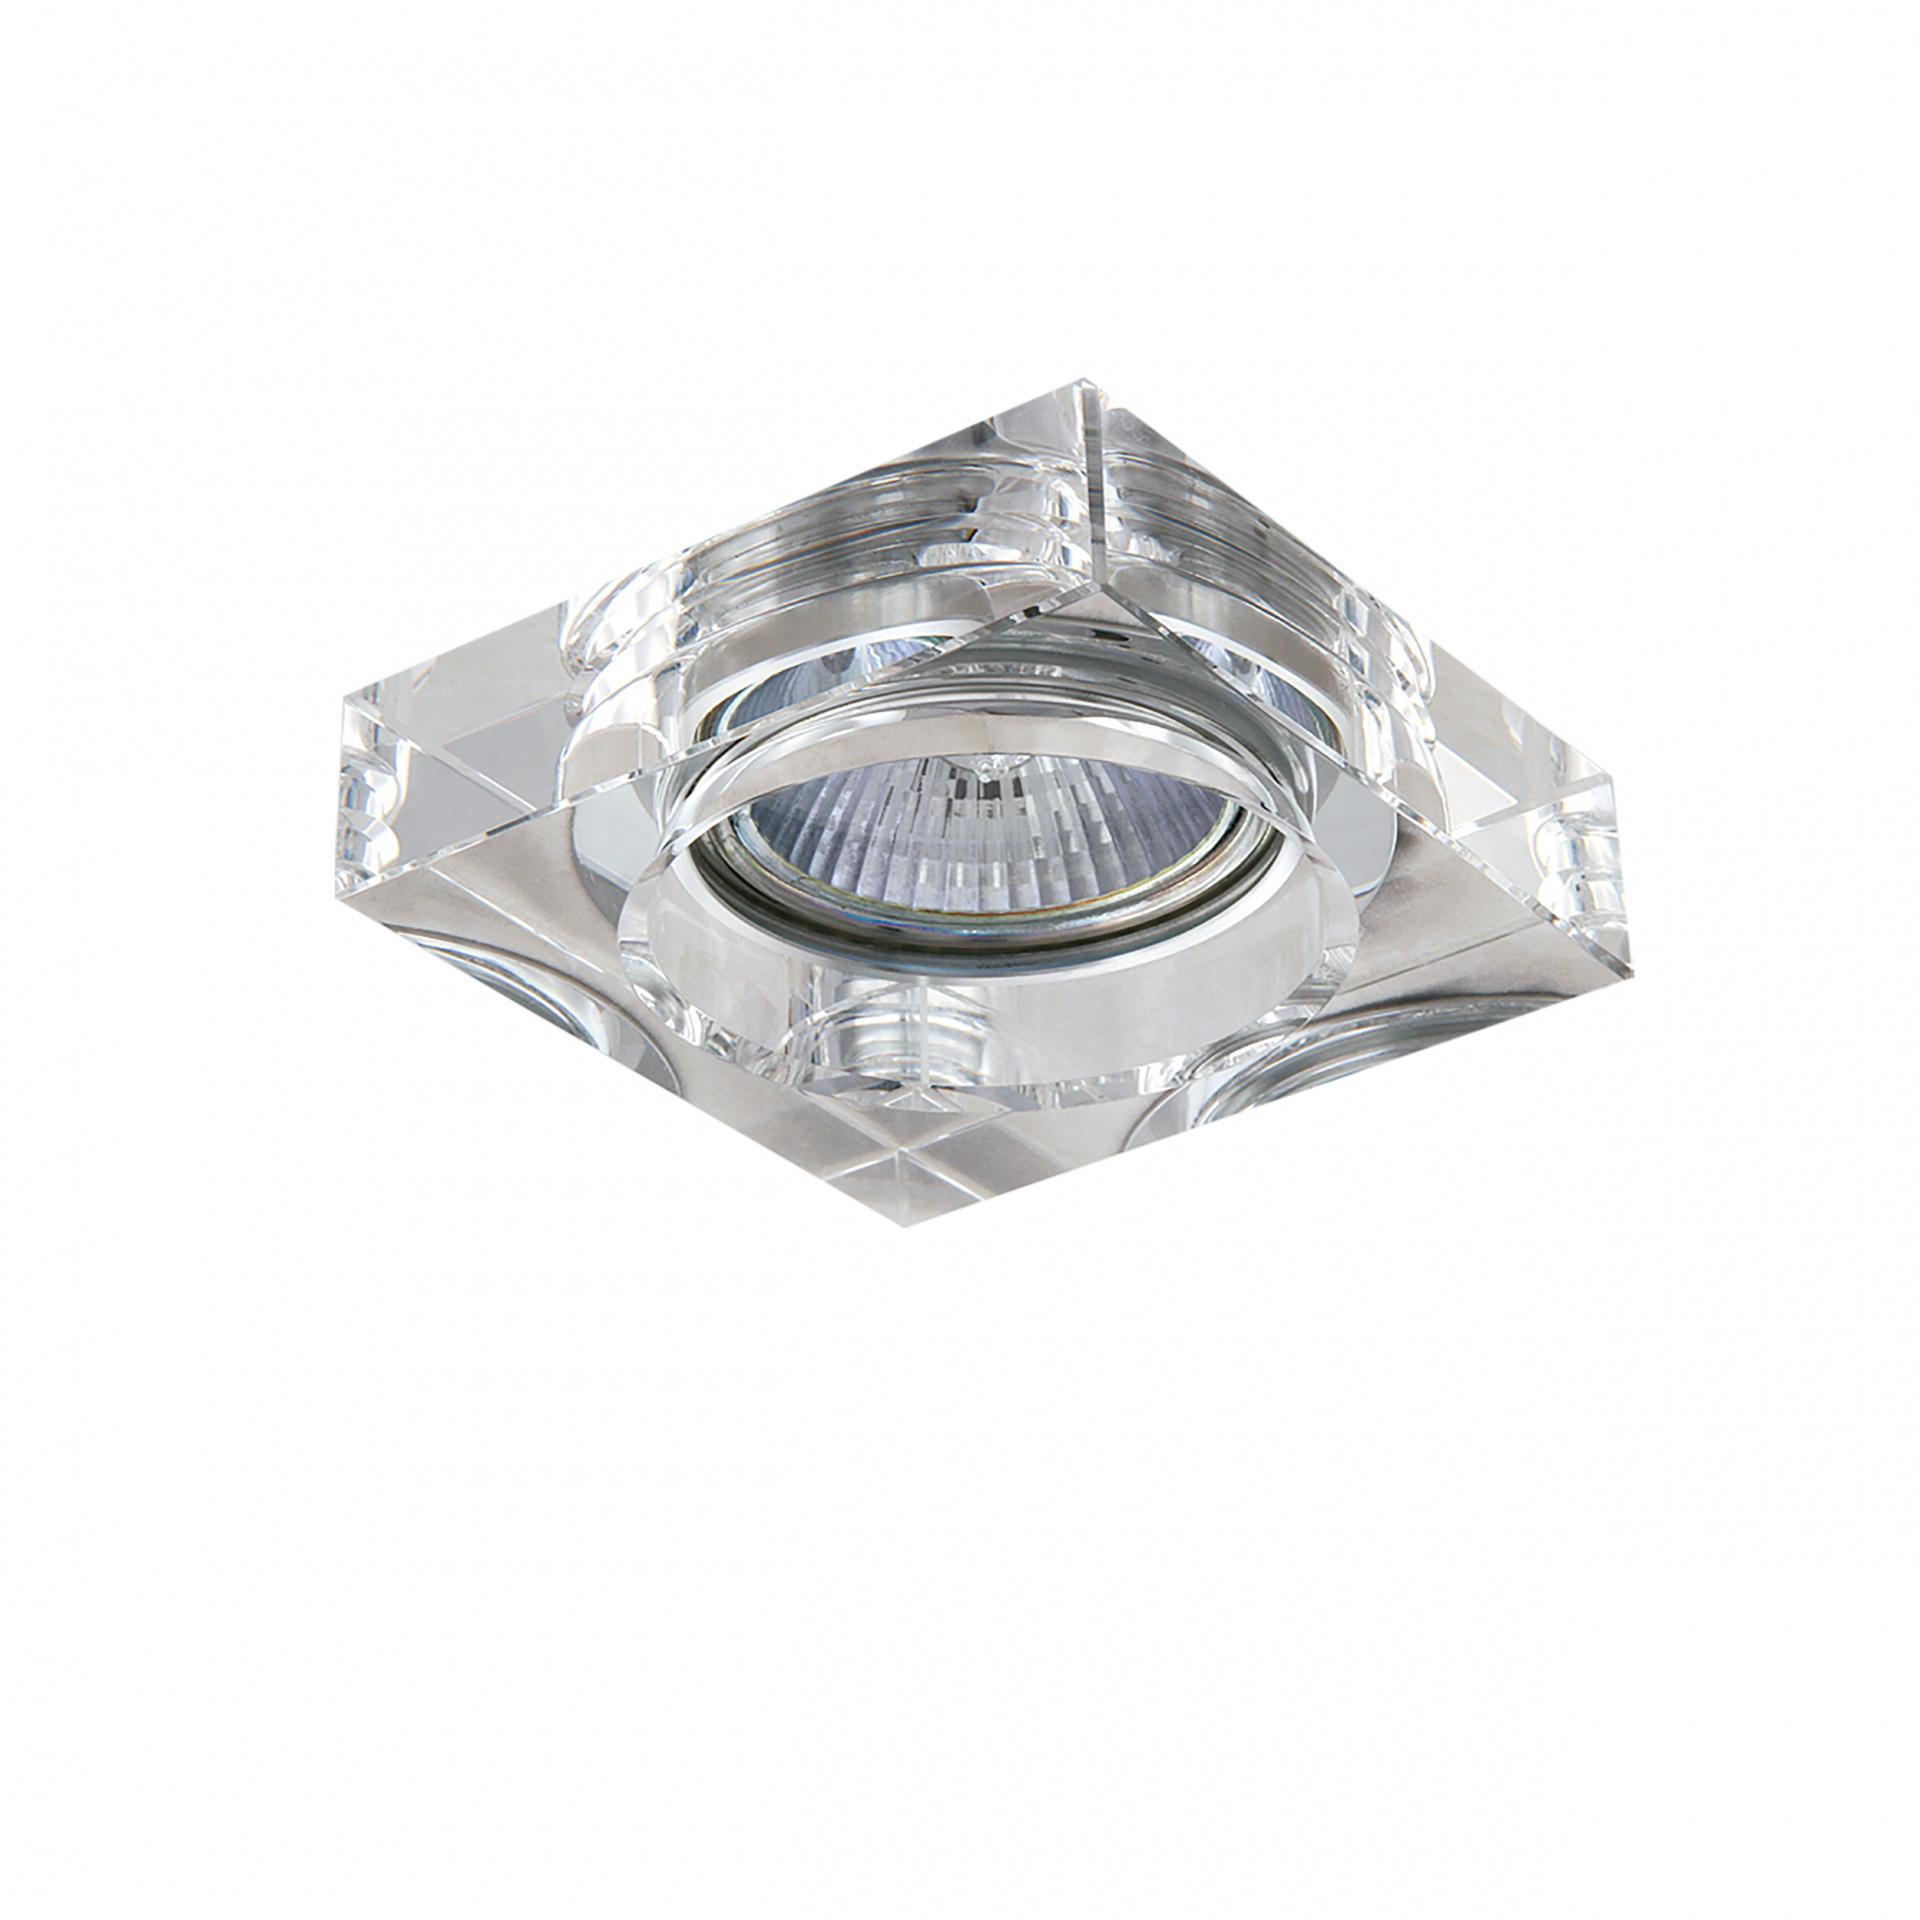 Светильник Lui Mini CR MR16 / HP16 хром / прозрачный Lightstar 006140, купить в СПб, Москве, с доставкой, Санкт-Петербург, интернет-магазин люстр и светильников Starlight, фото в жизни